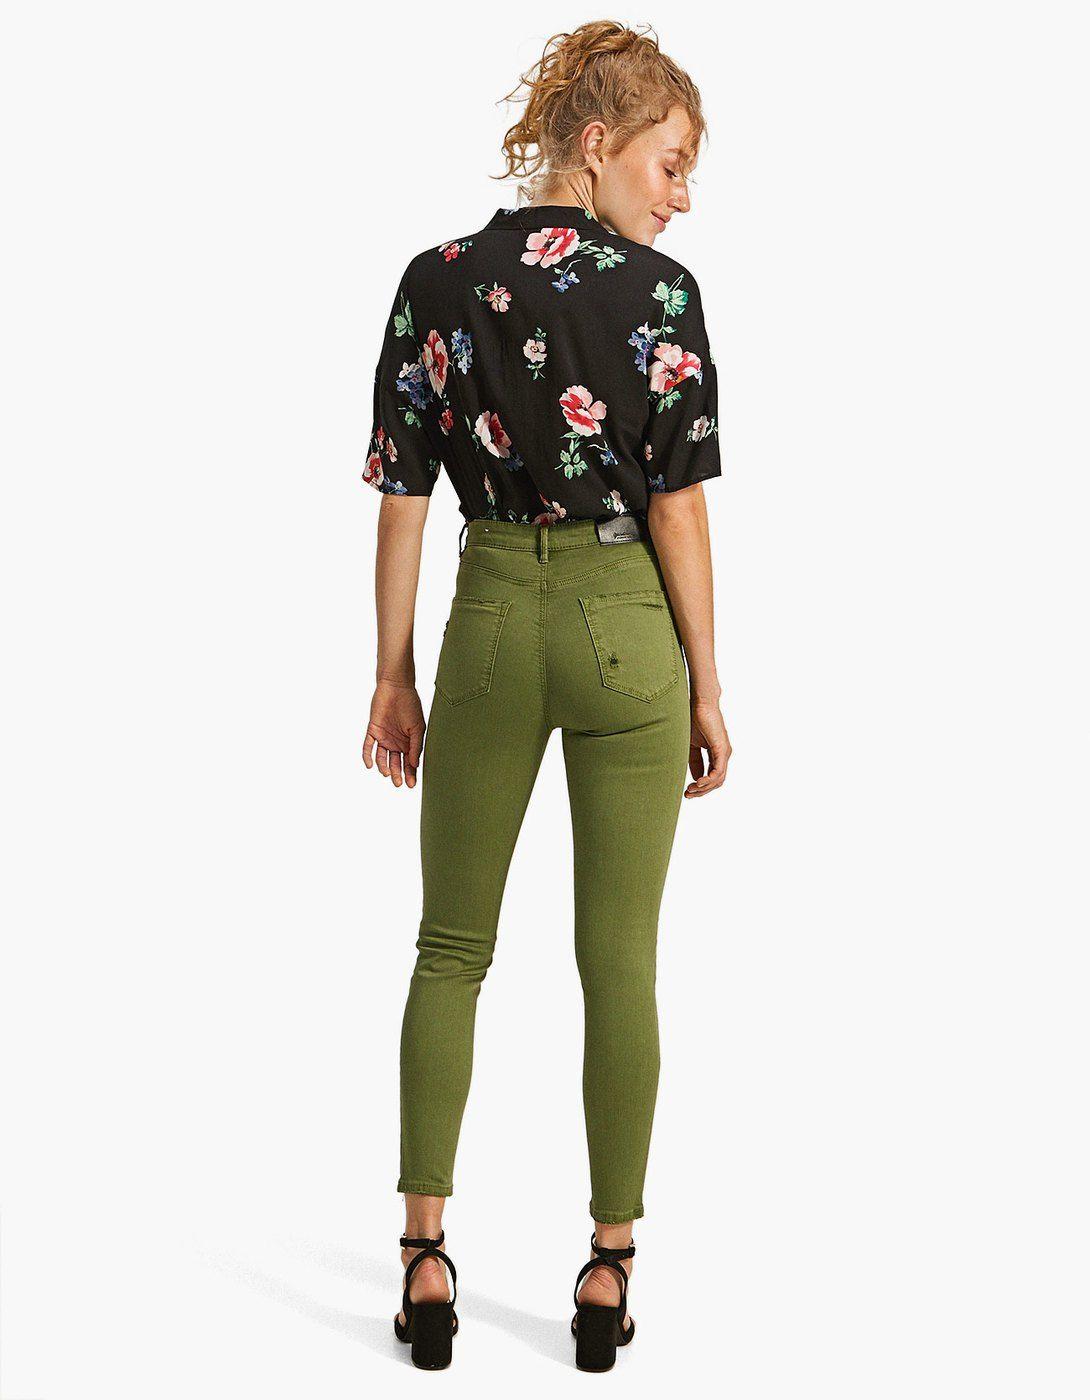 ec0a6cdd00c86 Kolorowe jeansy z bardzo wysokim stanem - Spodnie | Stradivarius Polska -  Wyprzedaż kolekcji wiosna-